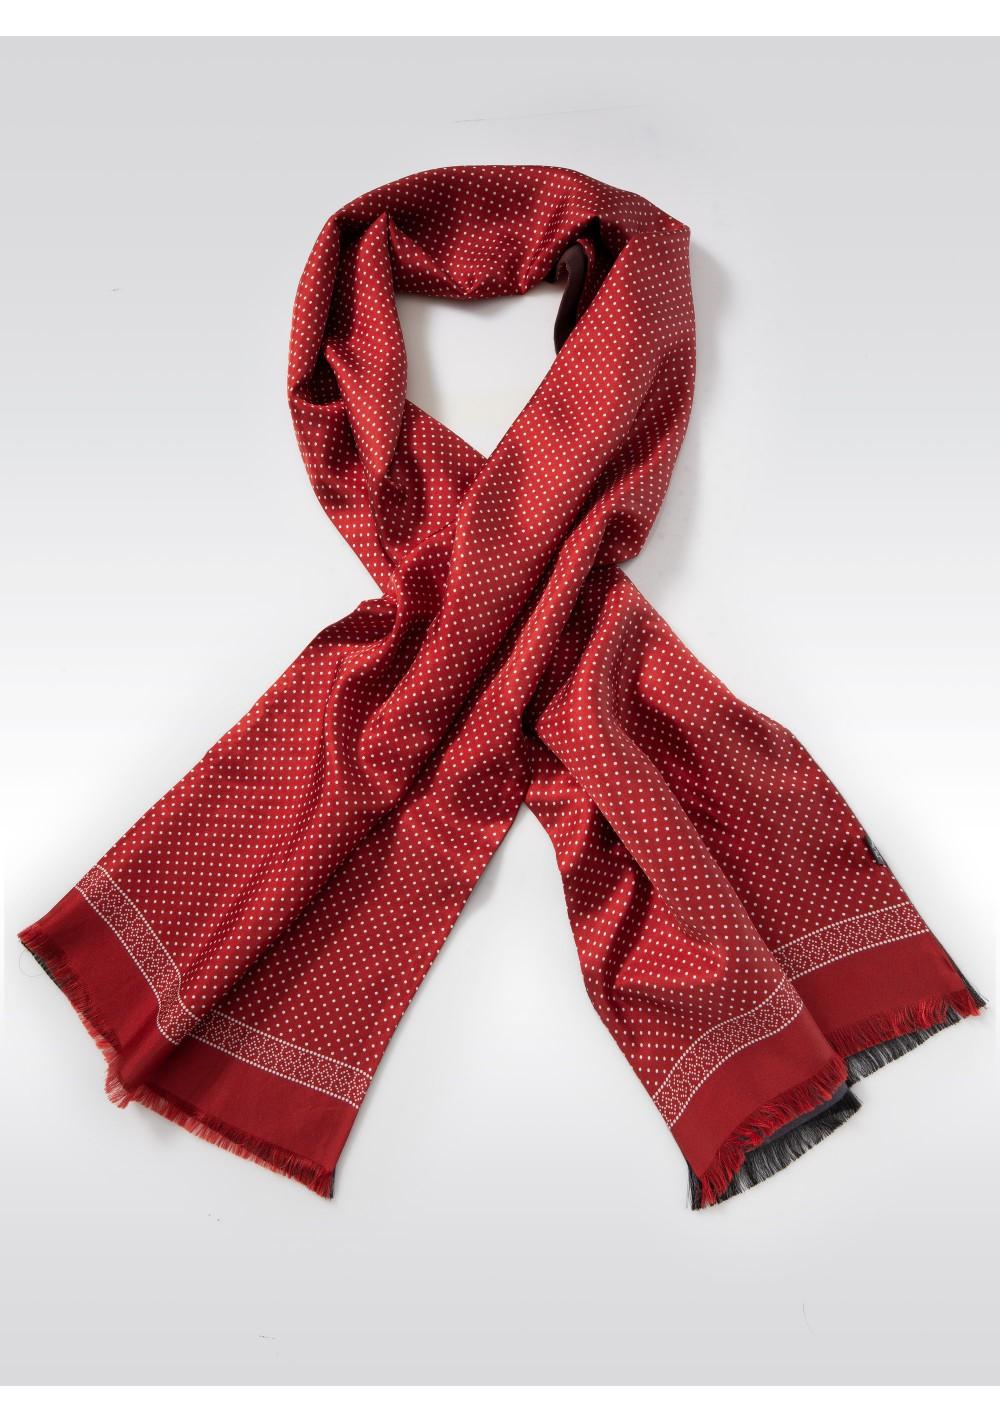 Fine Dot Design Silk Scarf in Terracotta Red